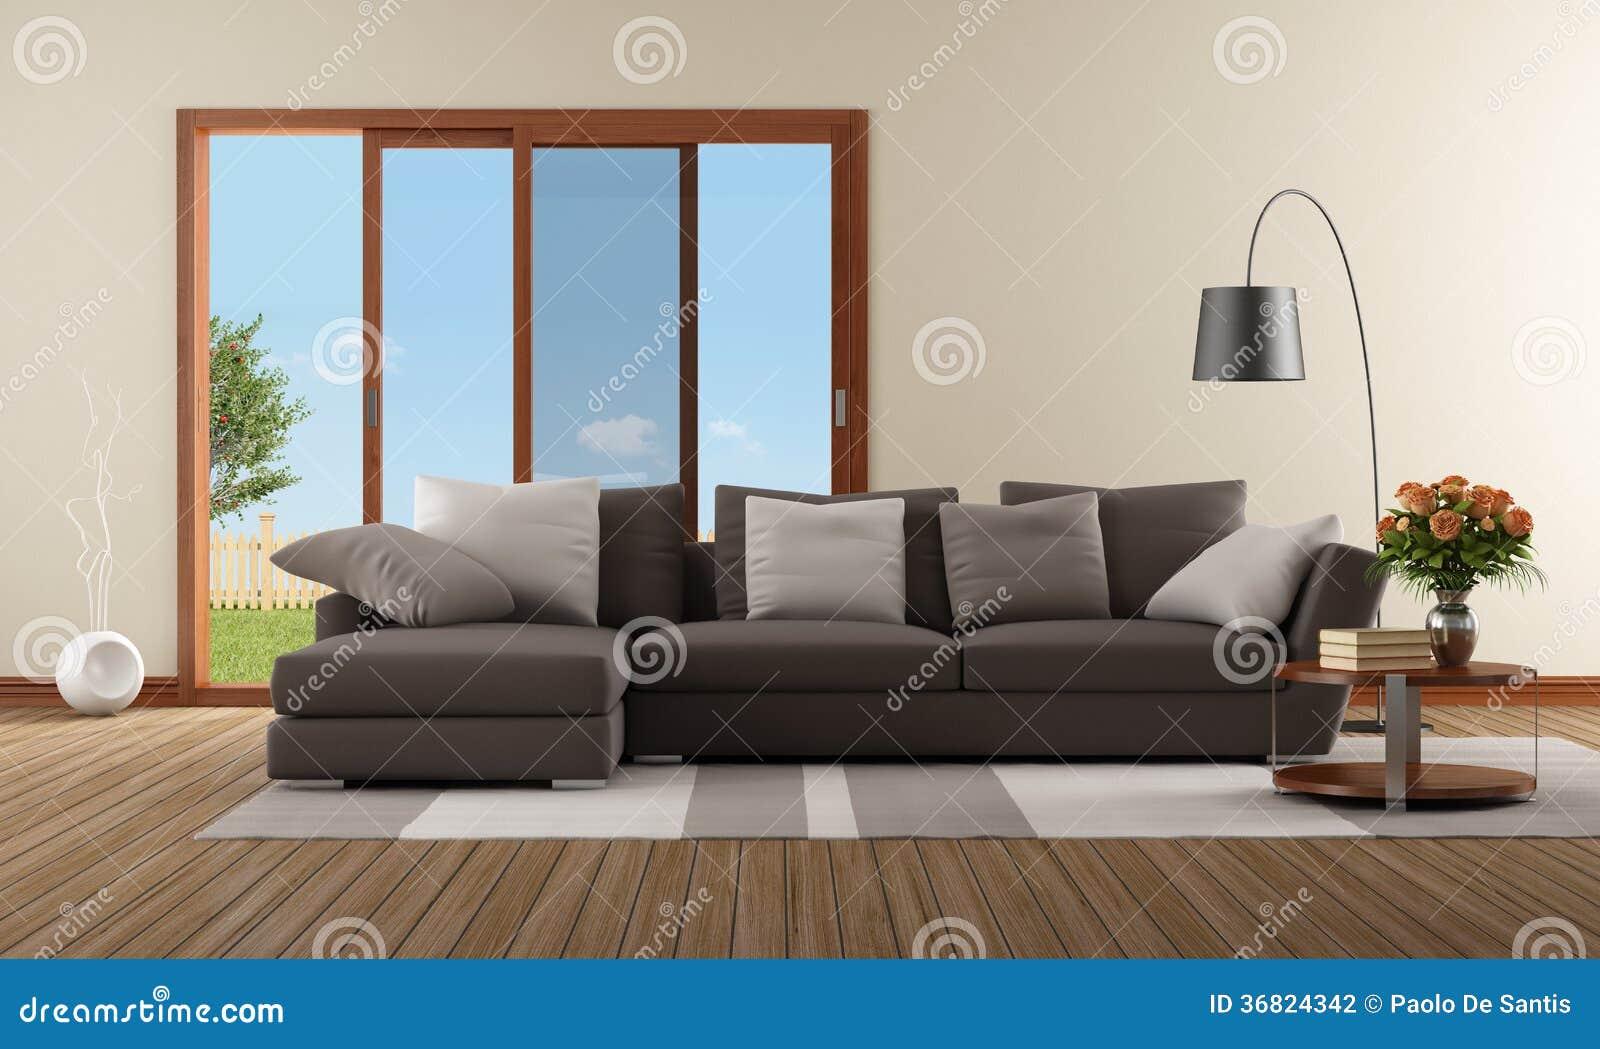 Modernes Wohnzimmer Mit Braunem Sofa